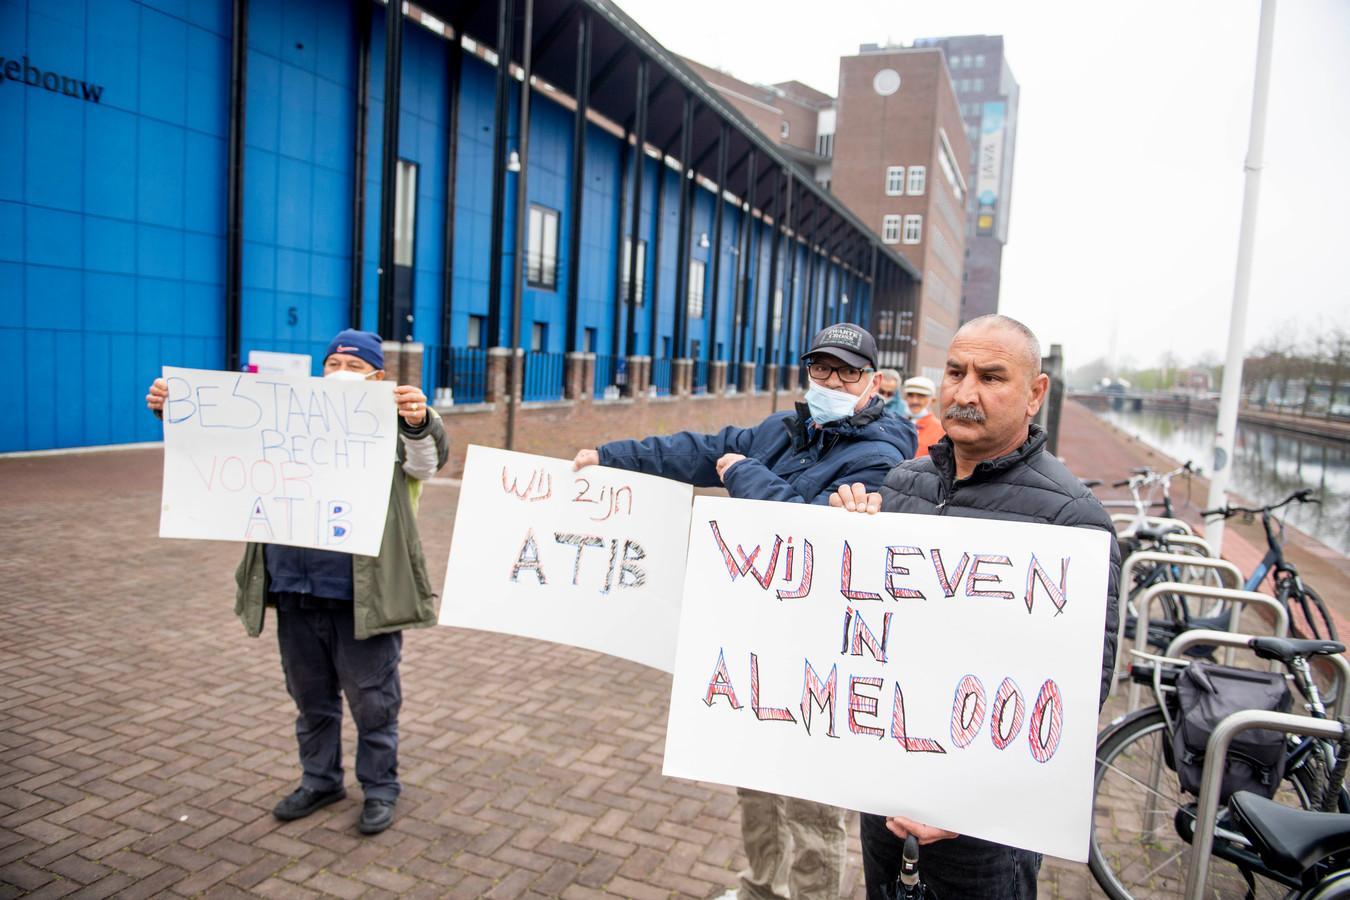 Leden van de Turkse vereniging ATIB protesteerden onlangs bij de rechtbank. Tevergeefs, de Turkse vereniging moet binnen twee weken vertrekken uit de Kolkschool.